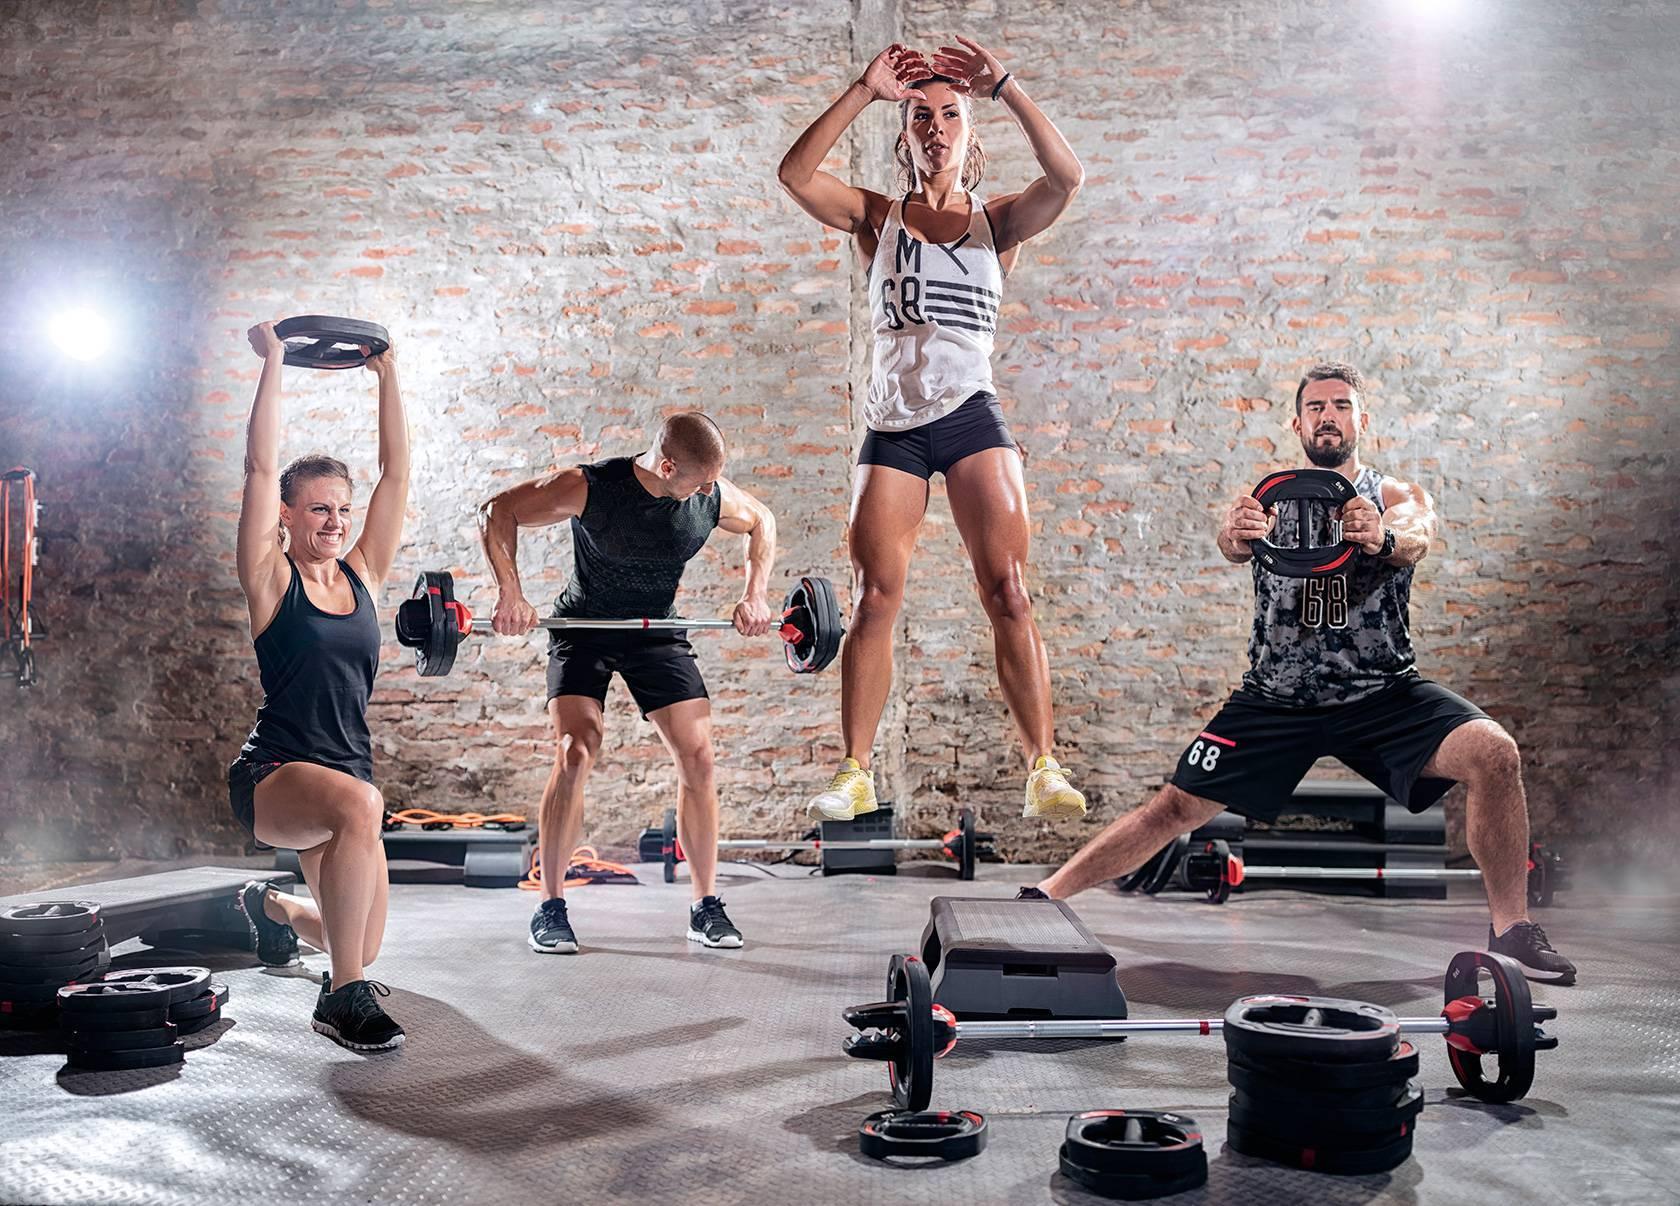 Кардио после силовой тренировки: можно ли делать, за и против, зачем нужно, как стоит выполнять для жиросжигания без потери мышц